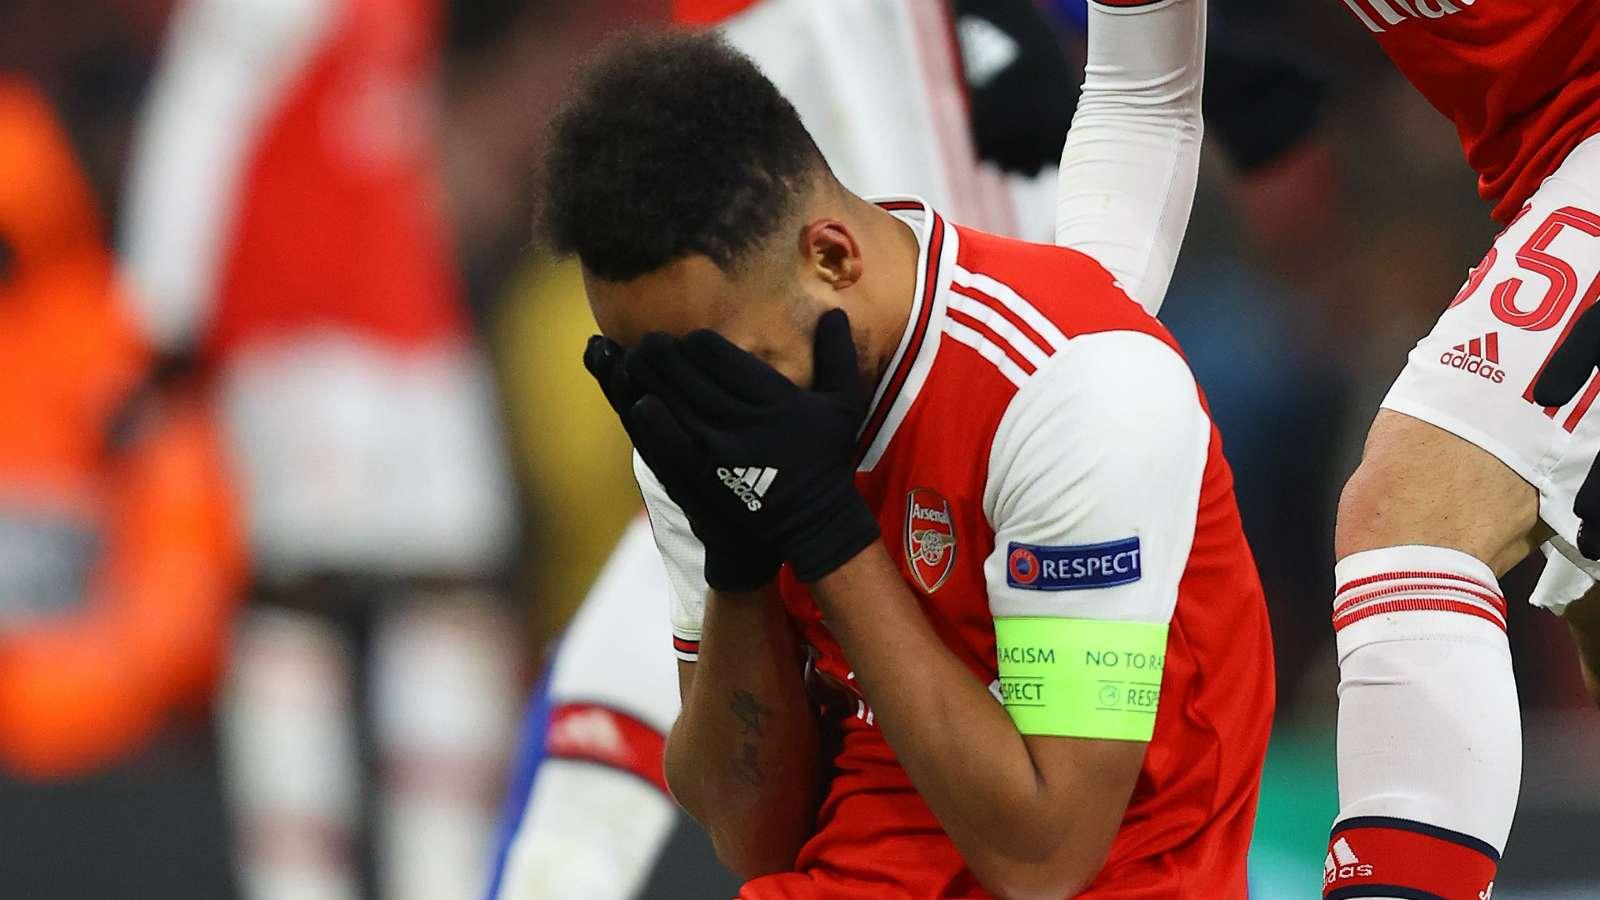 维冈主帅:若奥巴梅扬加盟利物浦,克洛普需考虑轮转问题